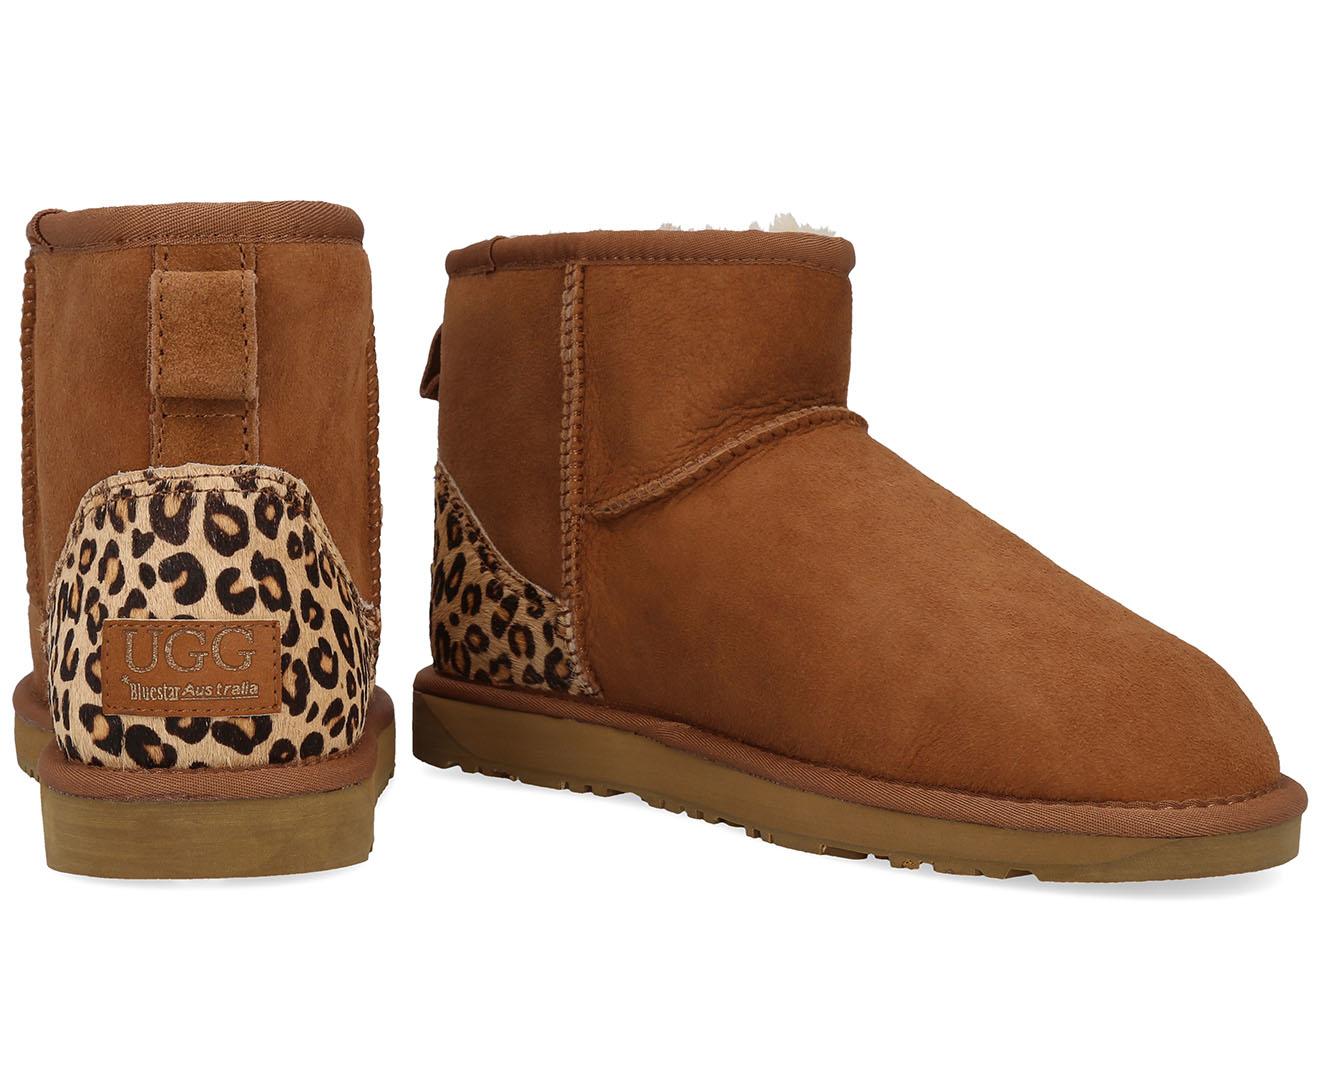 d09055f6d1c Details about Bluestar Women's Premium Australian Sheepskin Ugg Boot -  Chestnut Leopard